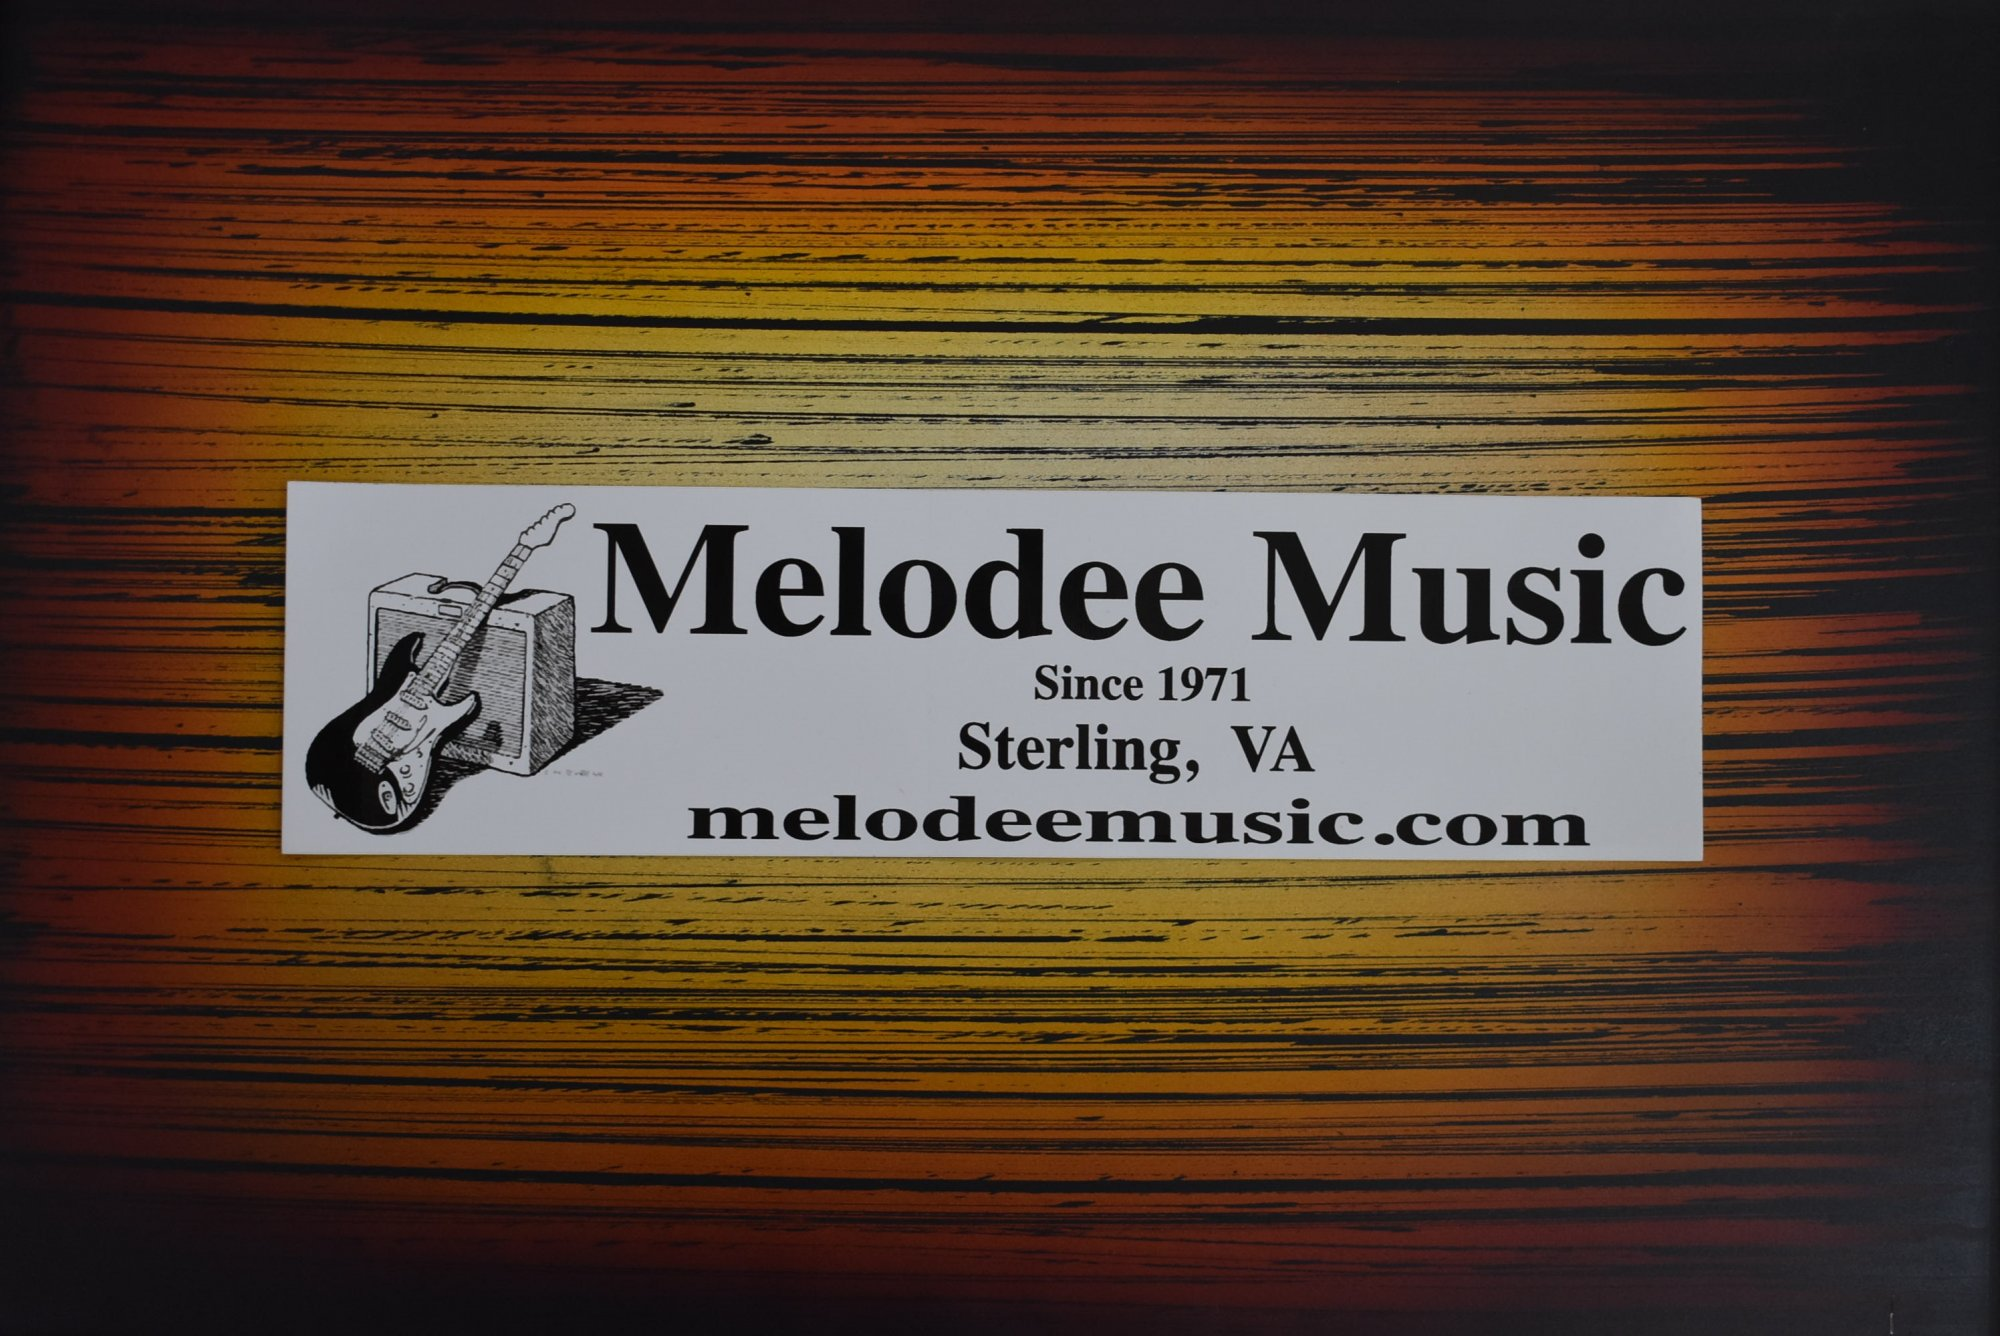 Melodee Music Bumper Sticker